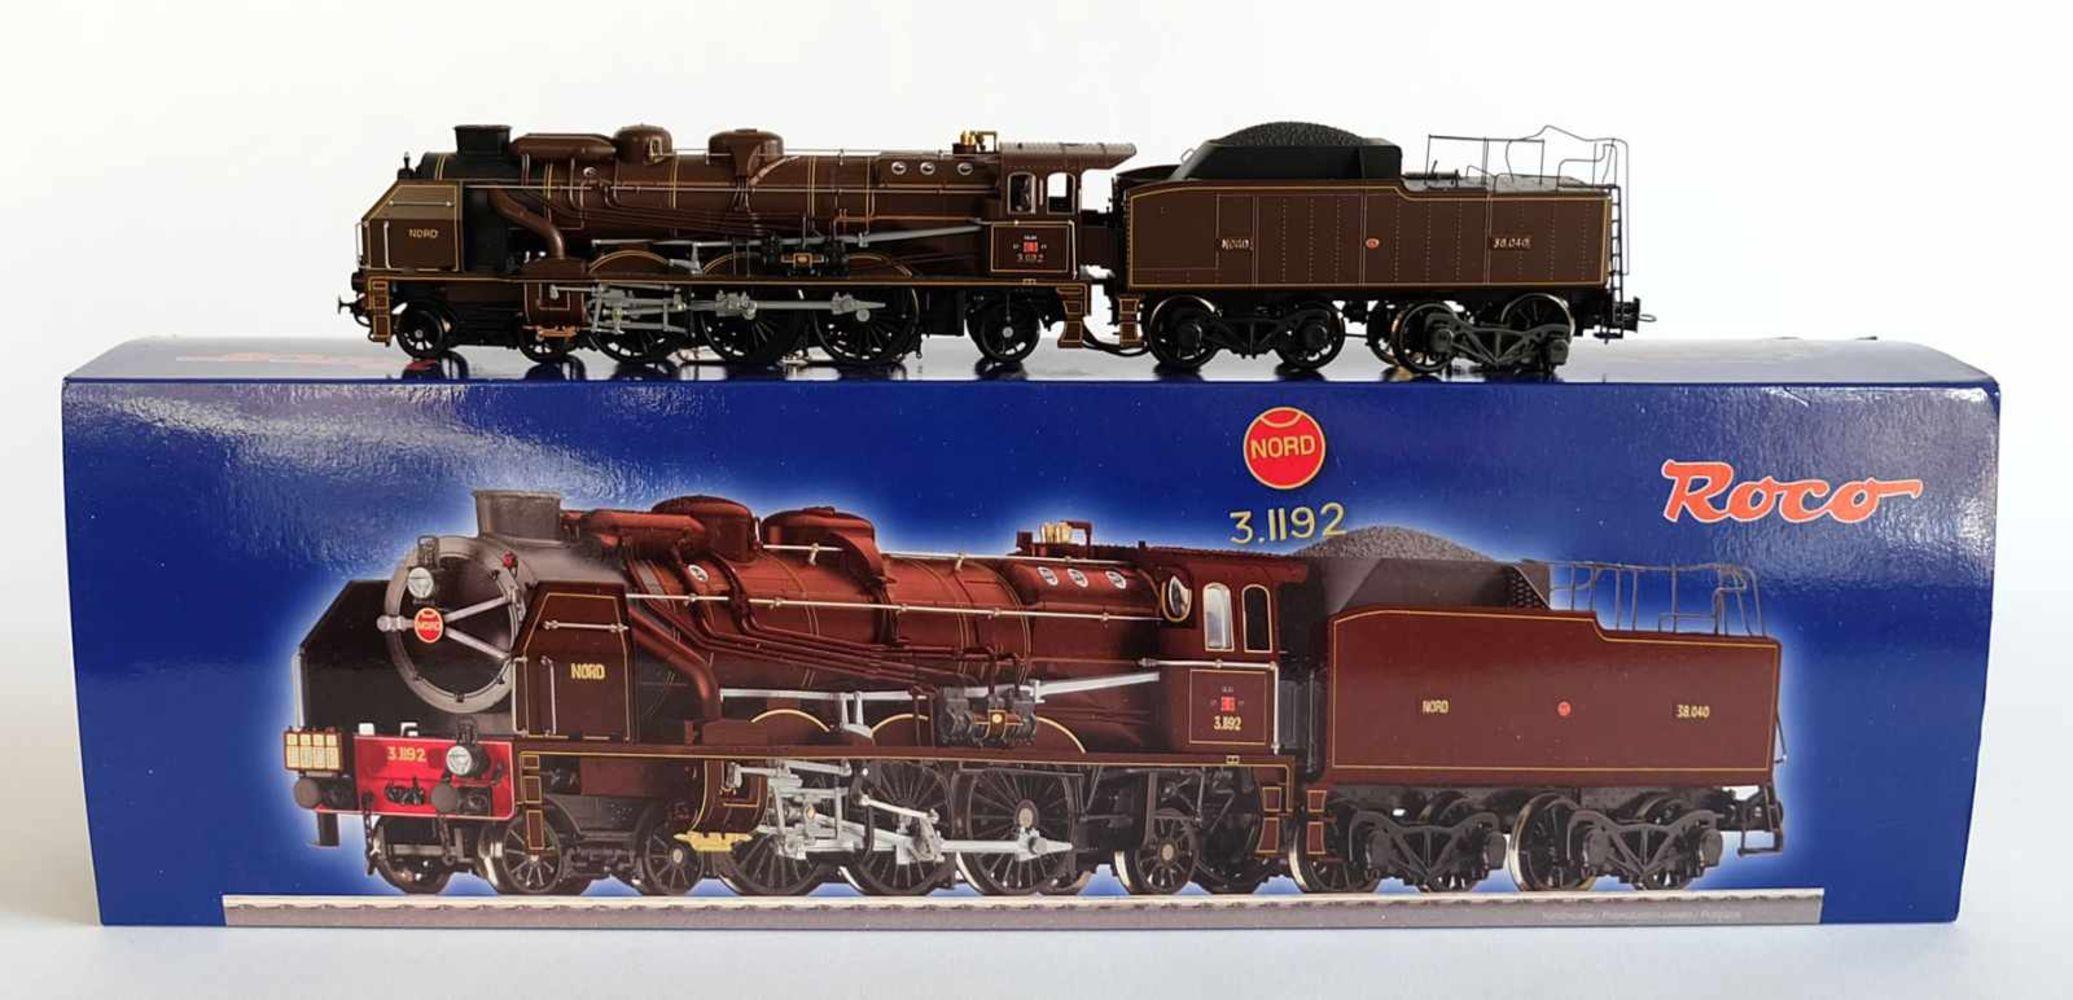 Auction Model Railways Venue: Industrieweg 72, 48155 Münster